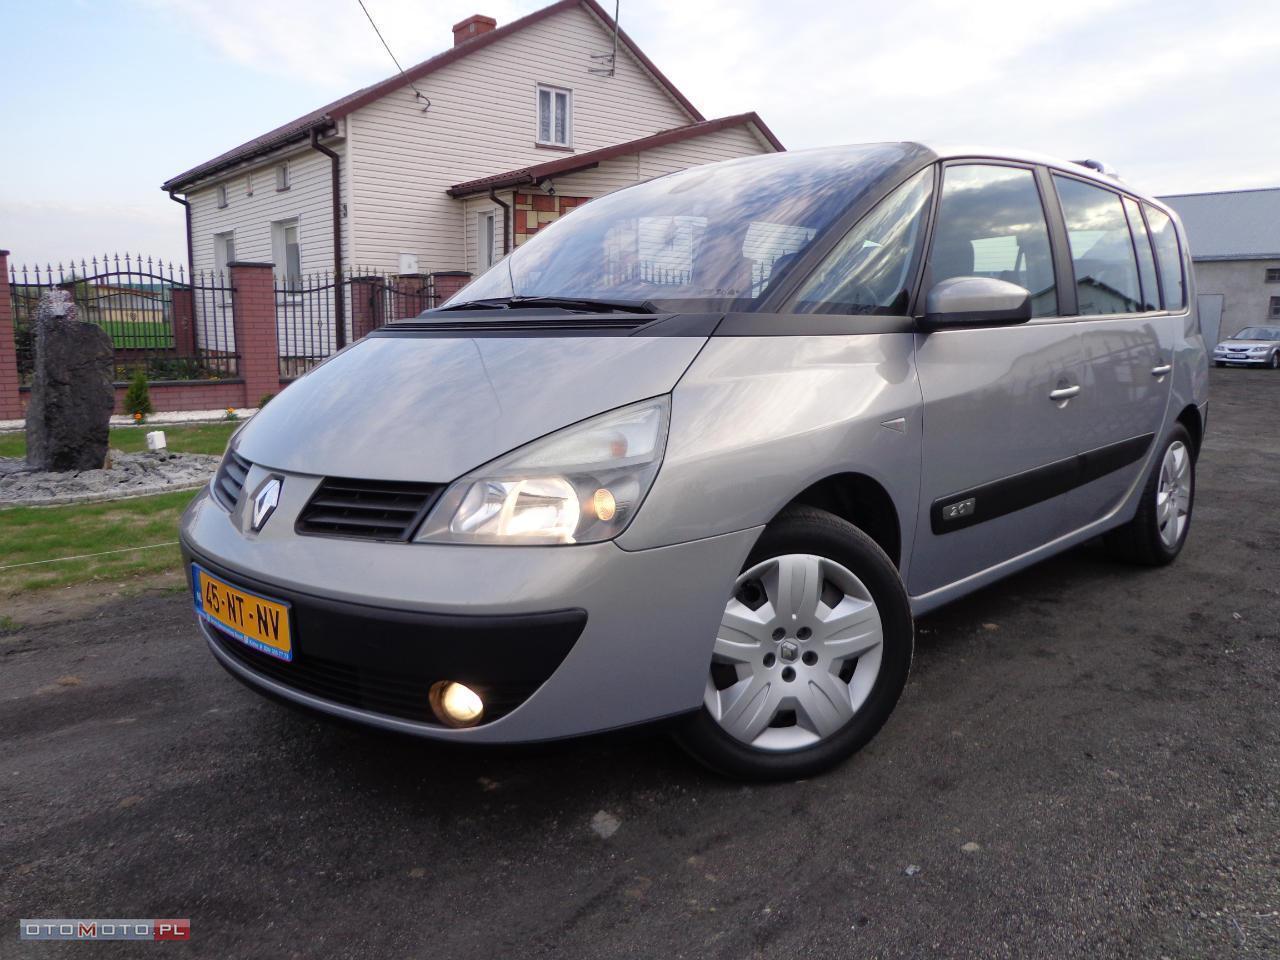 Renault Espace OKAZJA !!! SERWISOWANY !!!